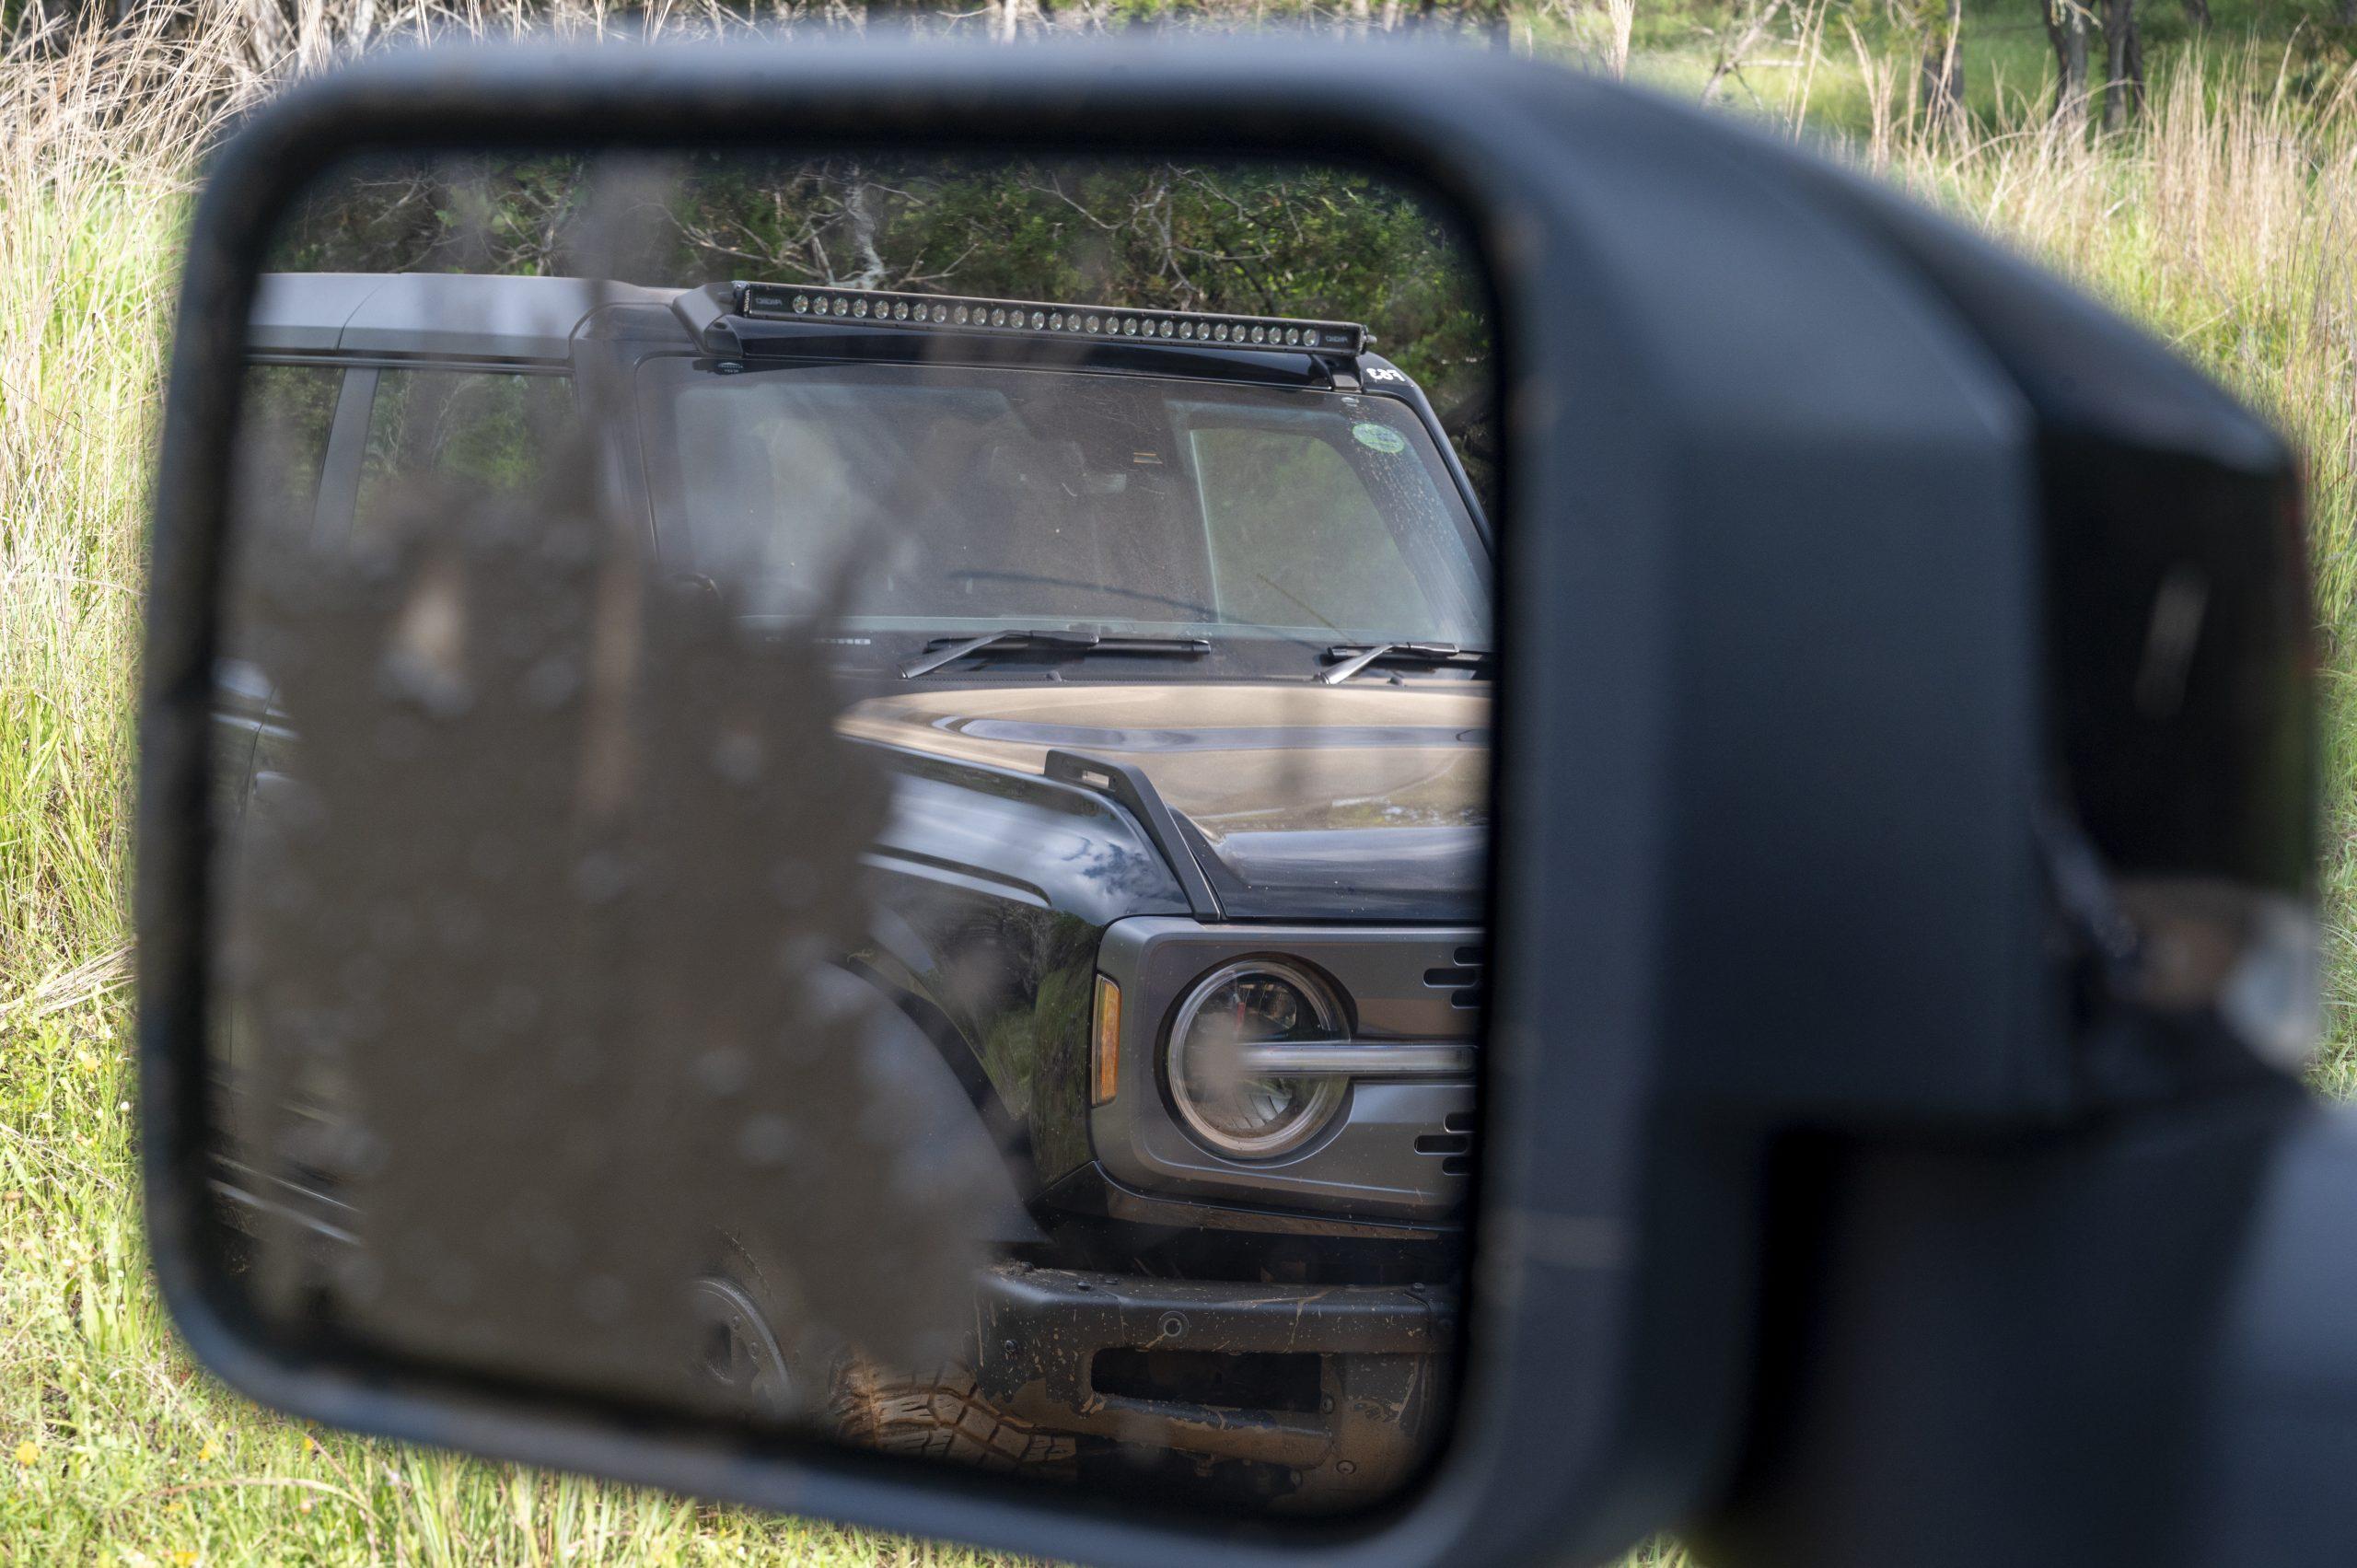 2021 Ford Bronco side mirror views